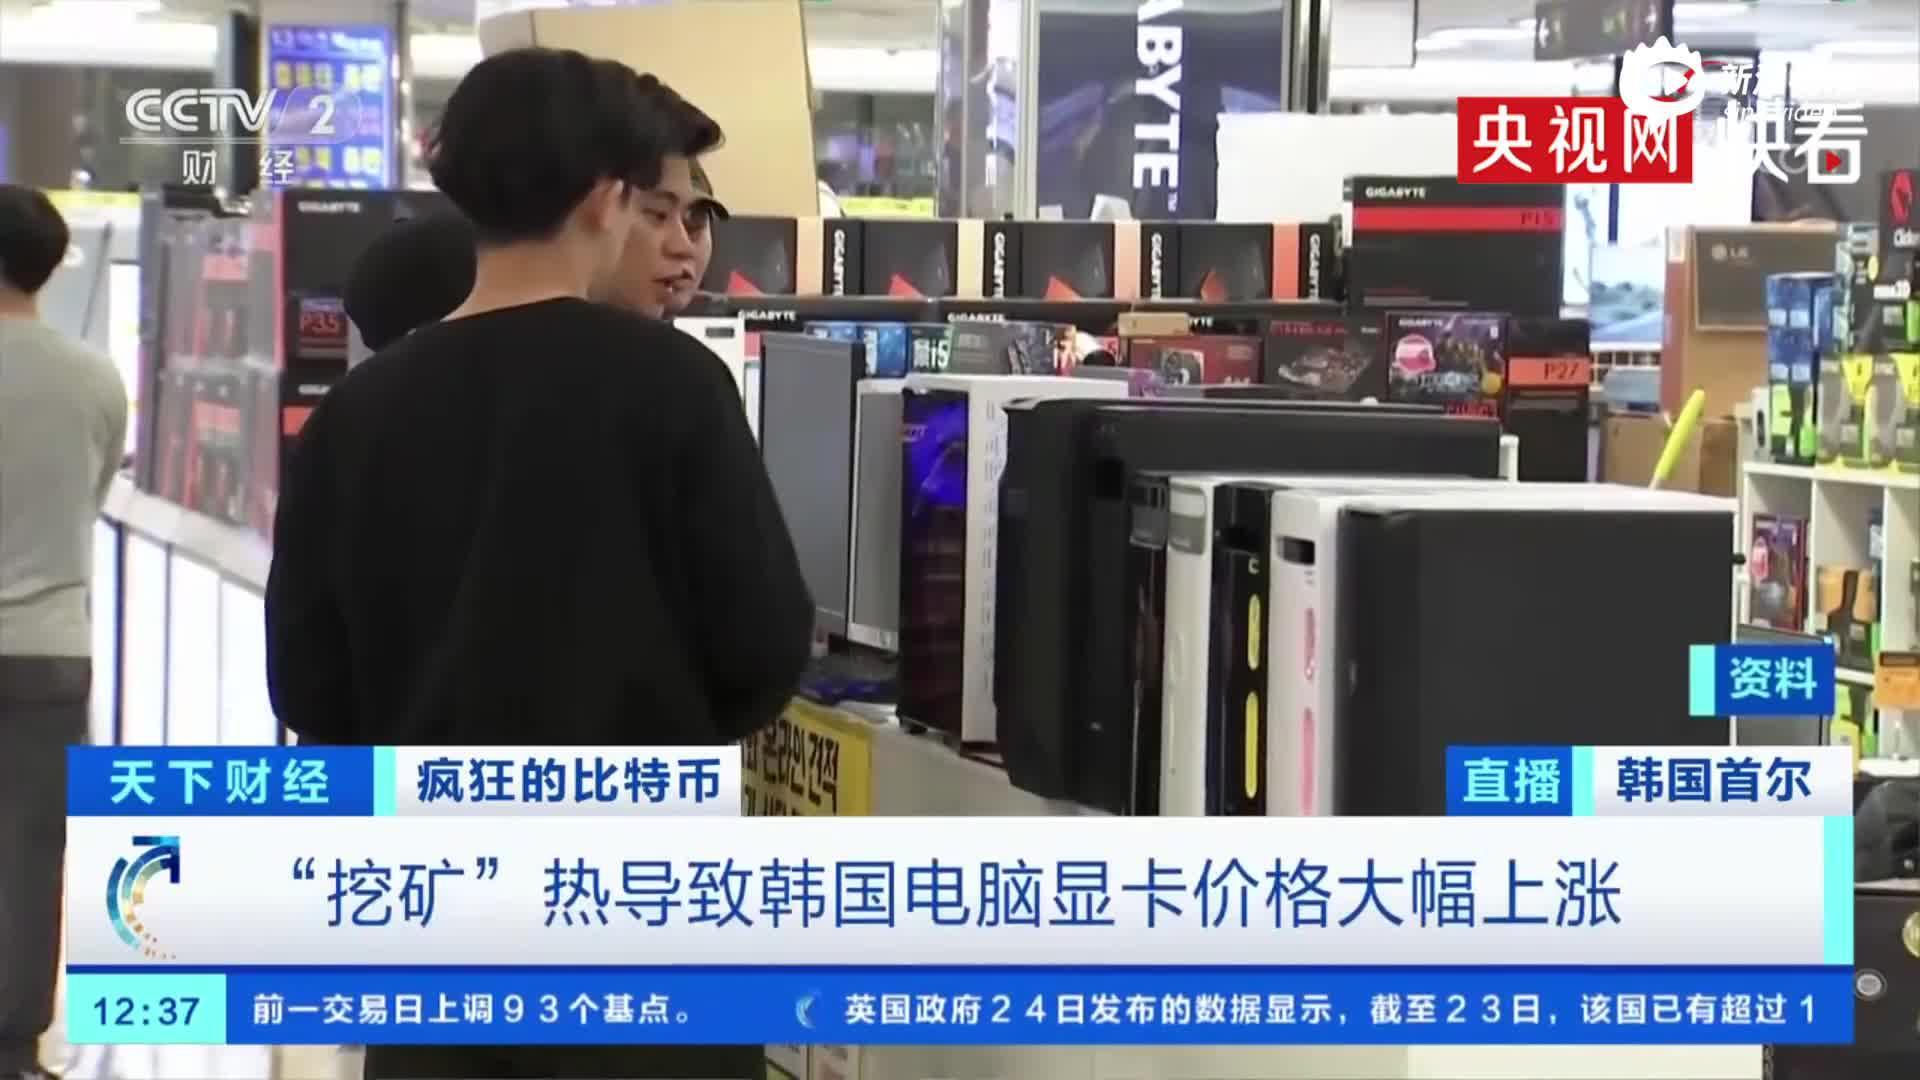 #韩国约两成网吧关门挖比特币#上热搜 比特币究竟有多火?_新浪财经_新浪网